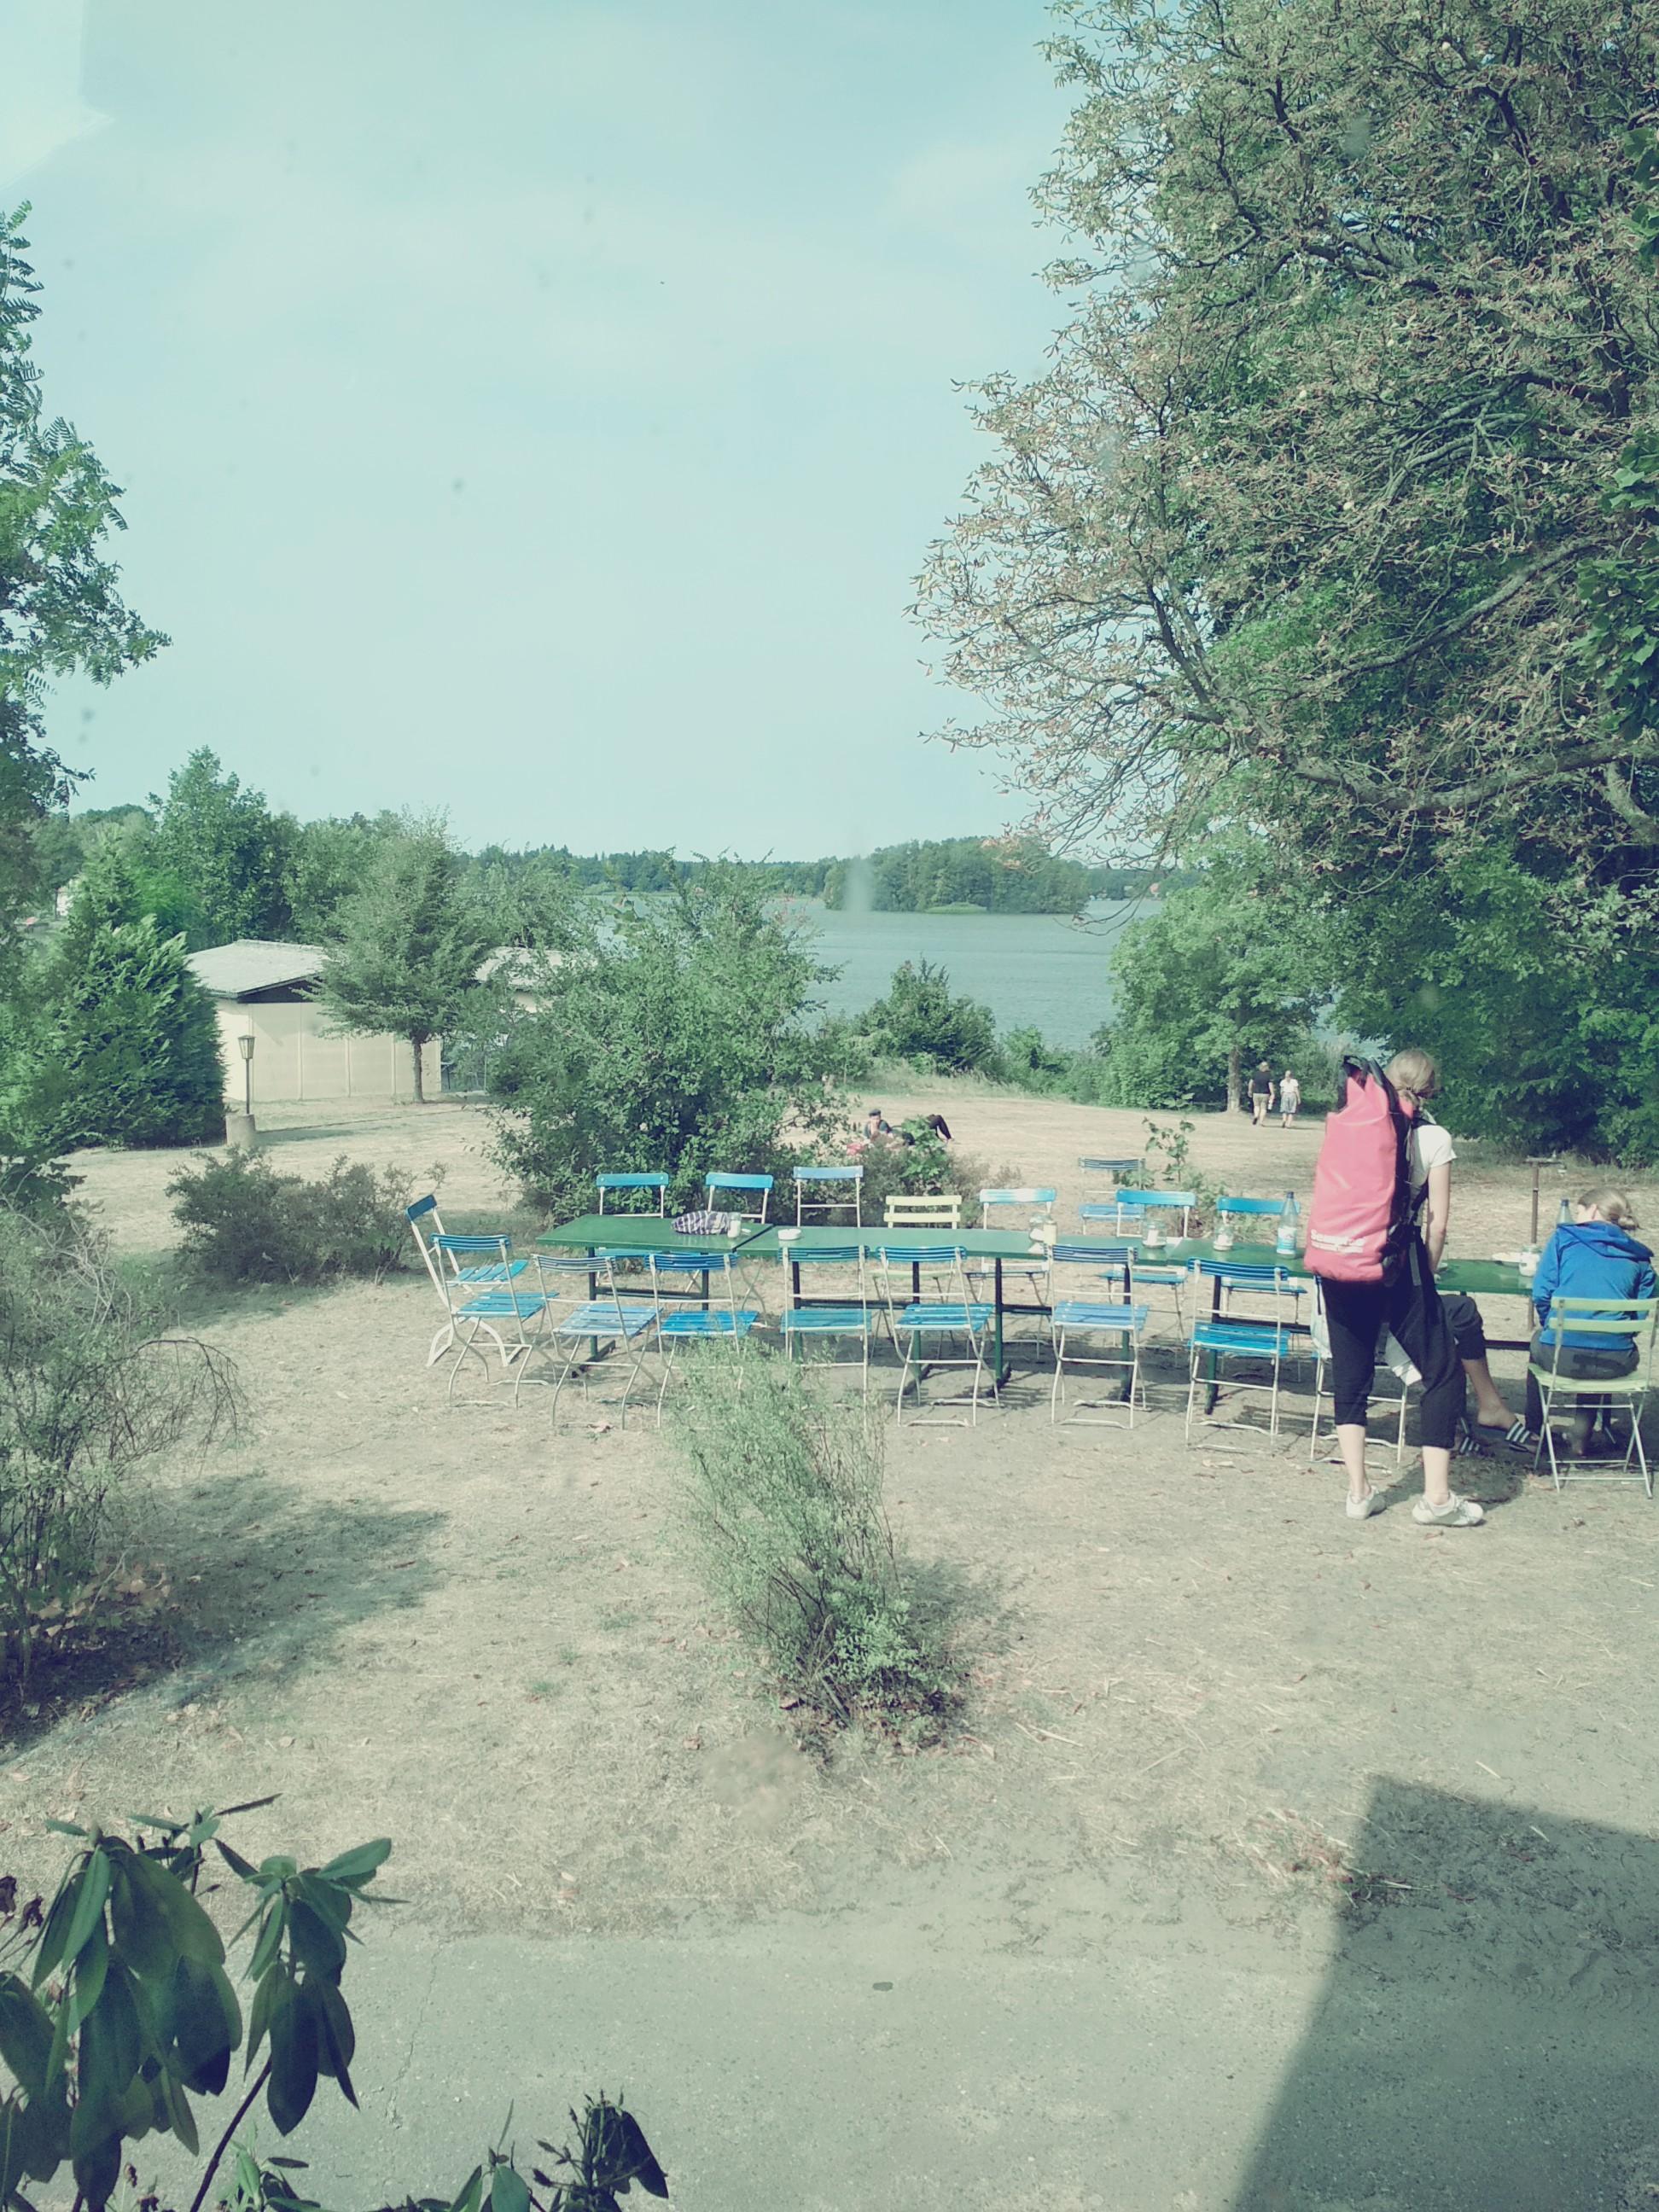 Haus am See: Hier fällt es leicht, eine Verbindung zur Natur herzustellen und neuen Input aufzunehmen